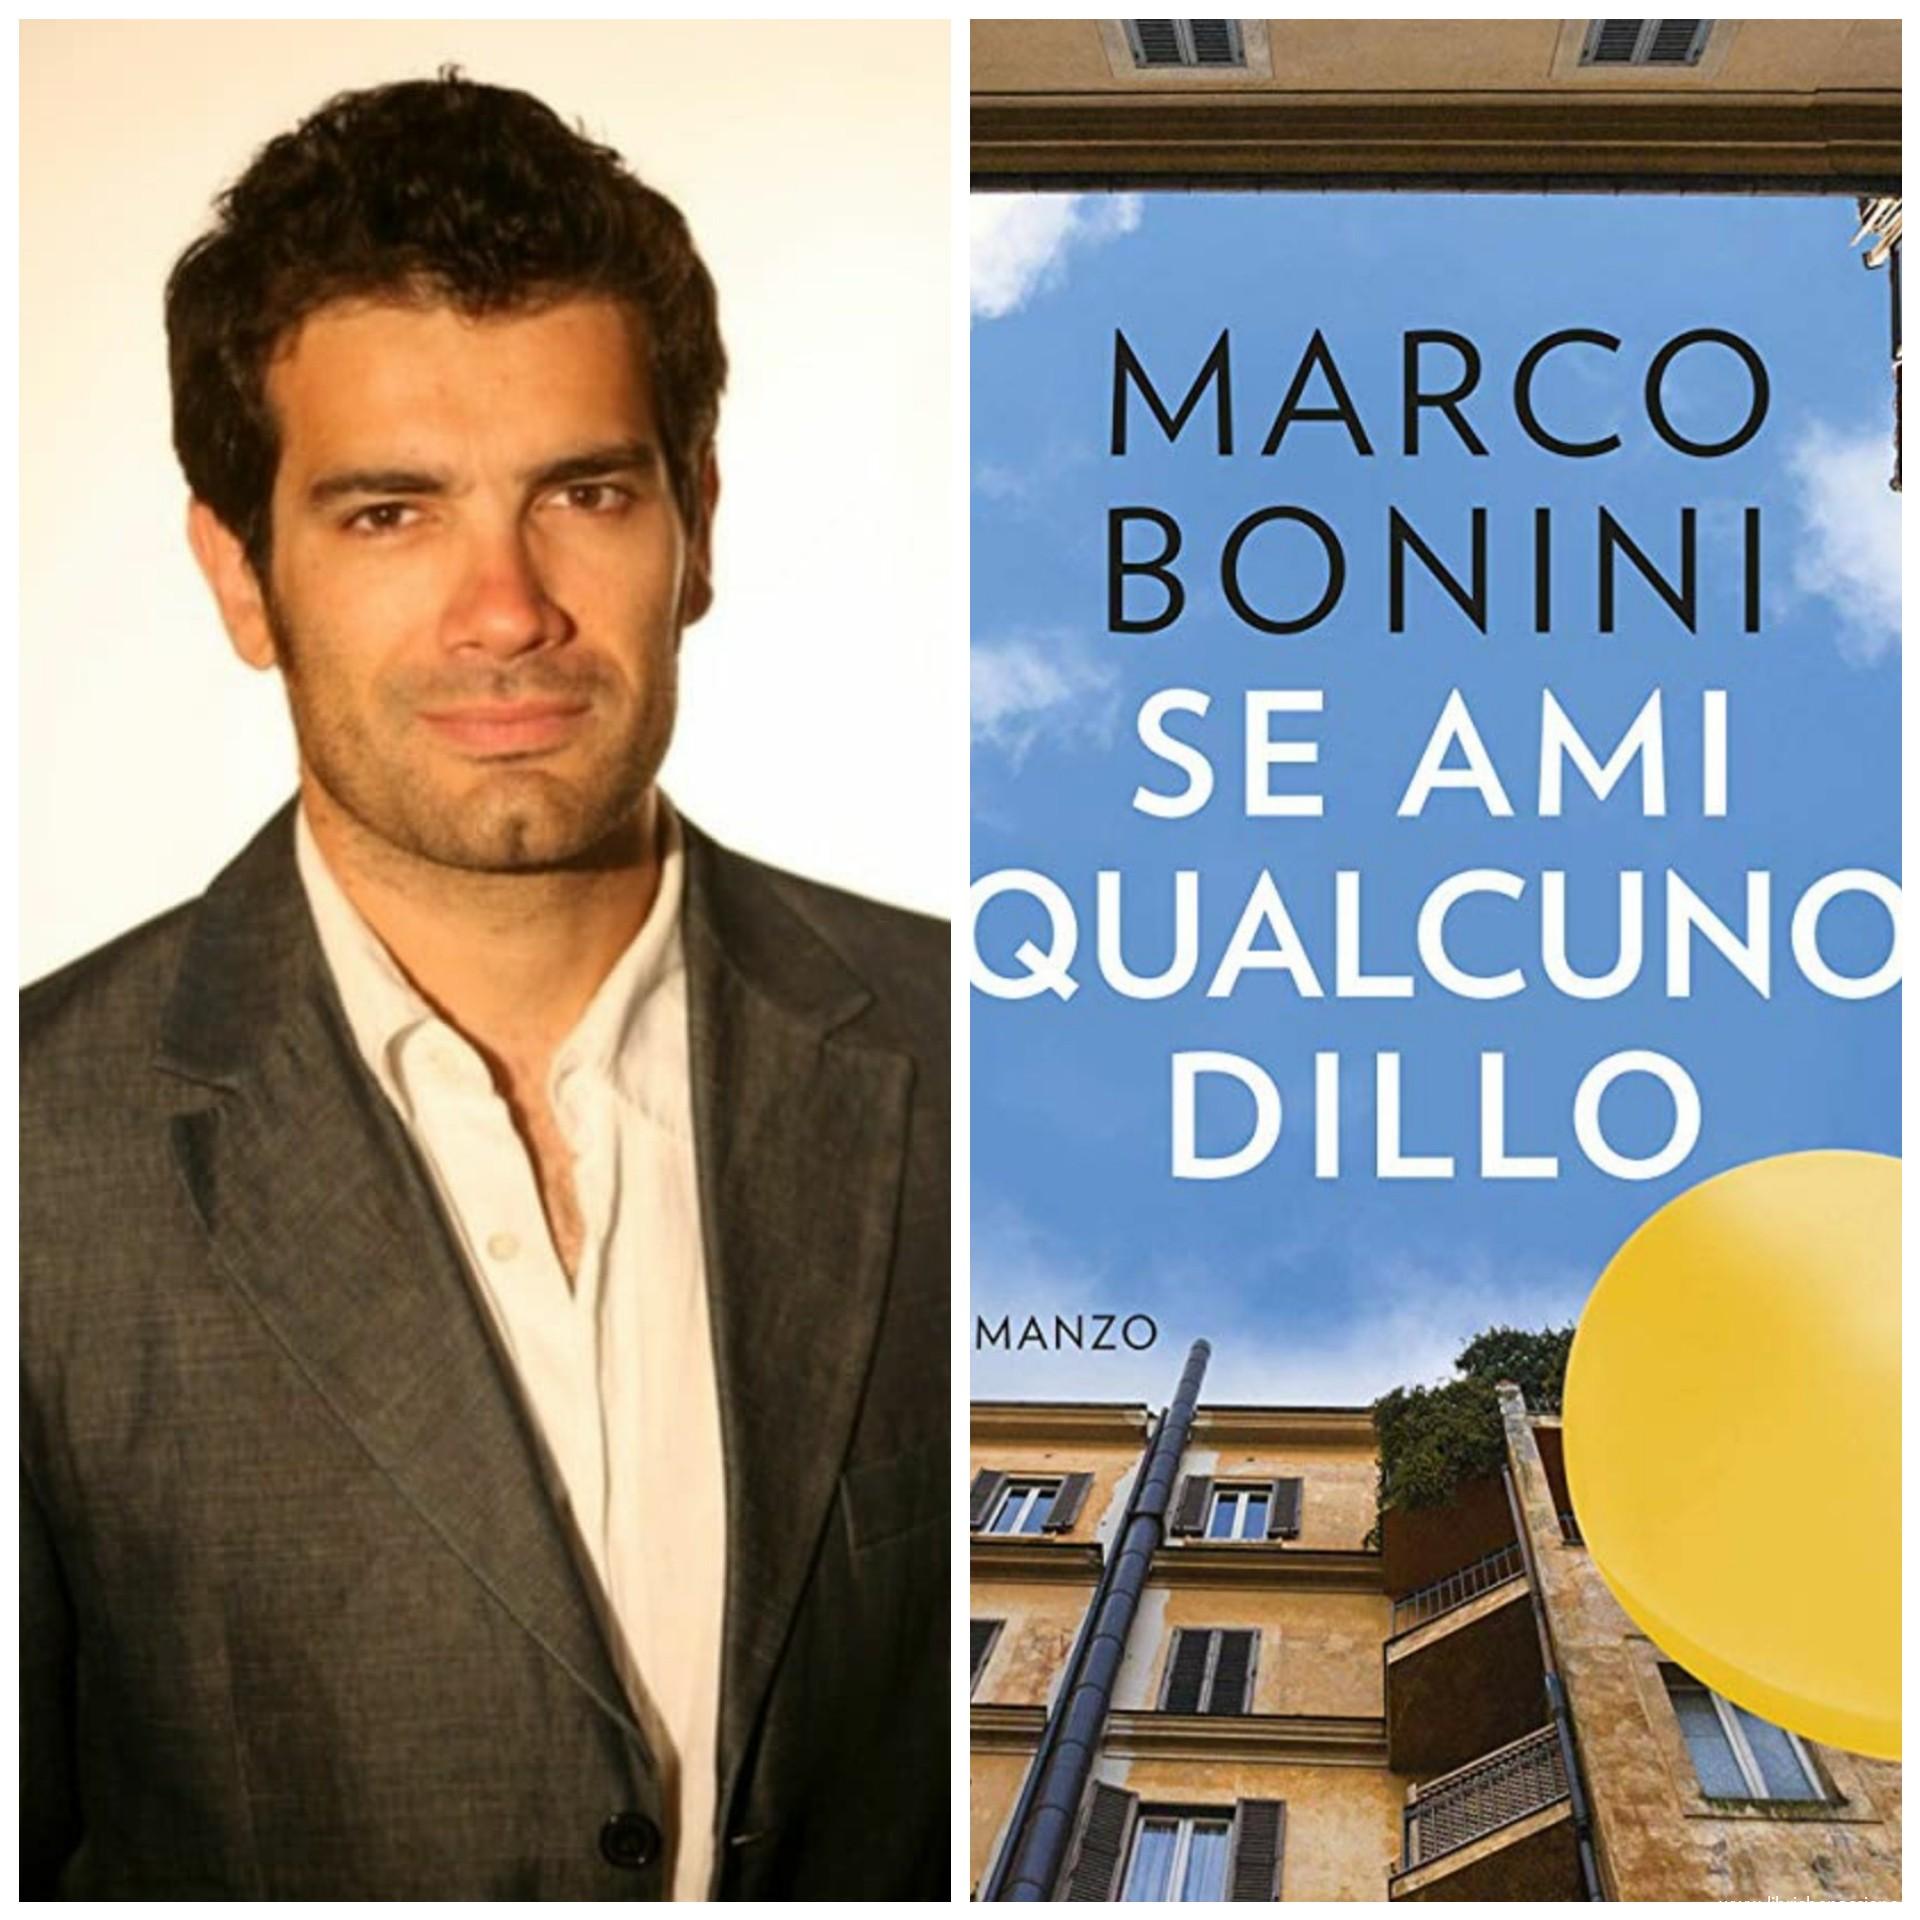 """"""" Se ami qualcuno dillo"""" novità in libreria autore Marco Bonini"""